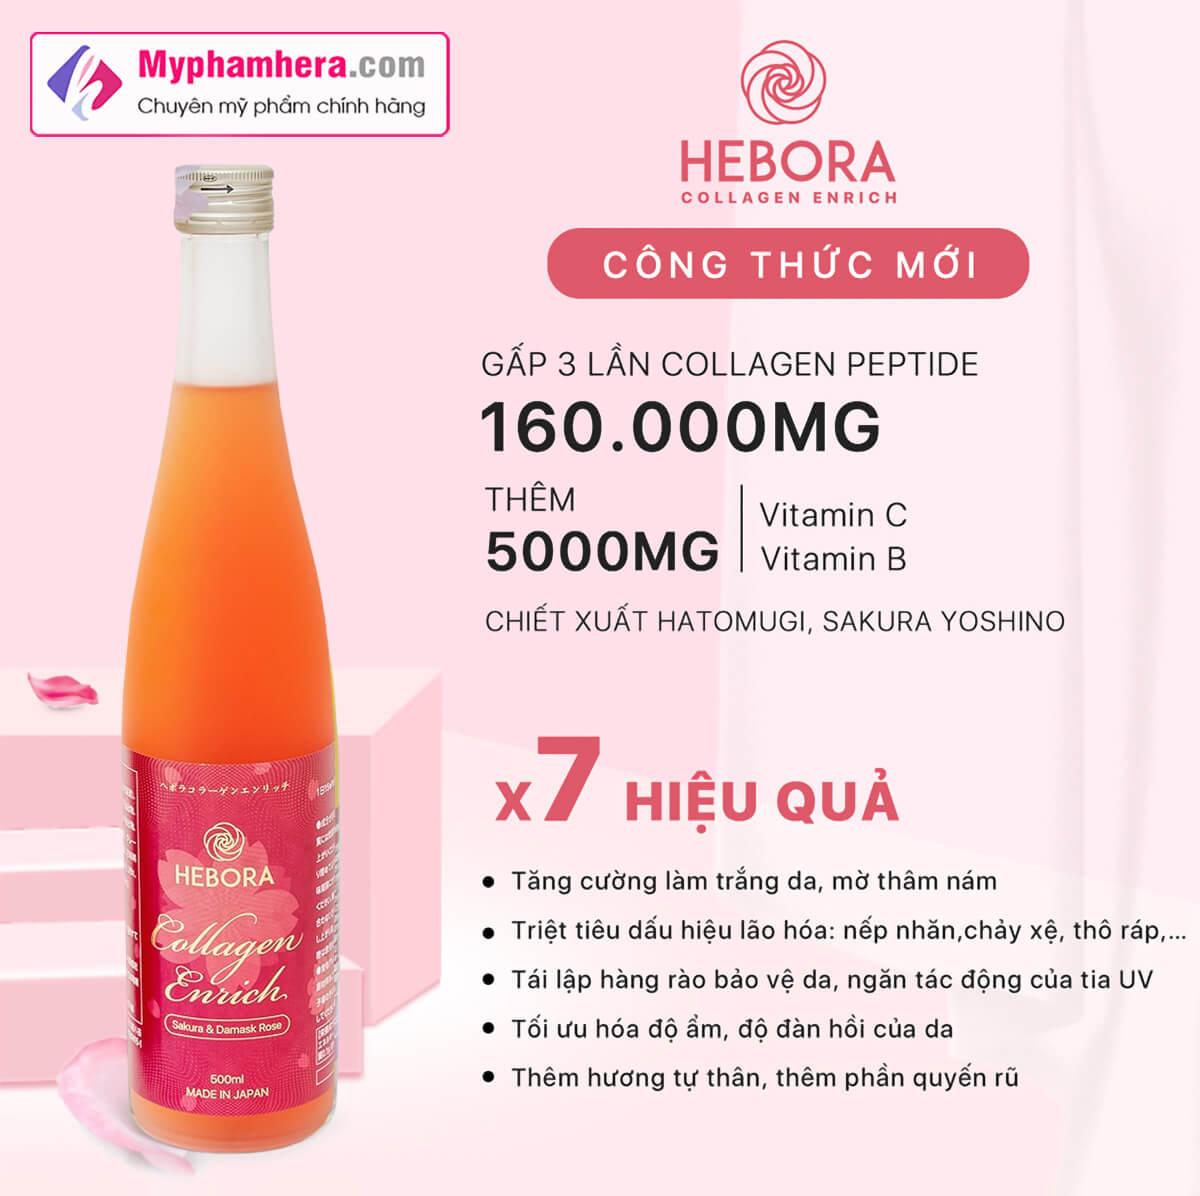 ưu điểm của nước uống collagen hebora enrich japan myphamhera.com